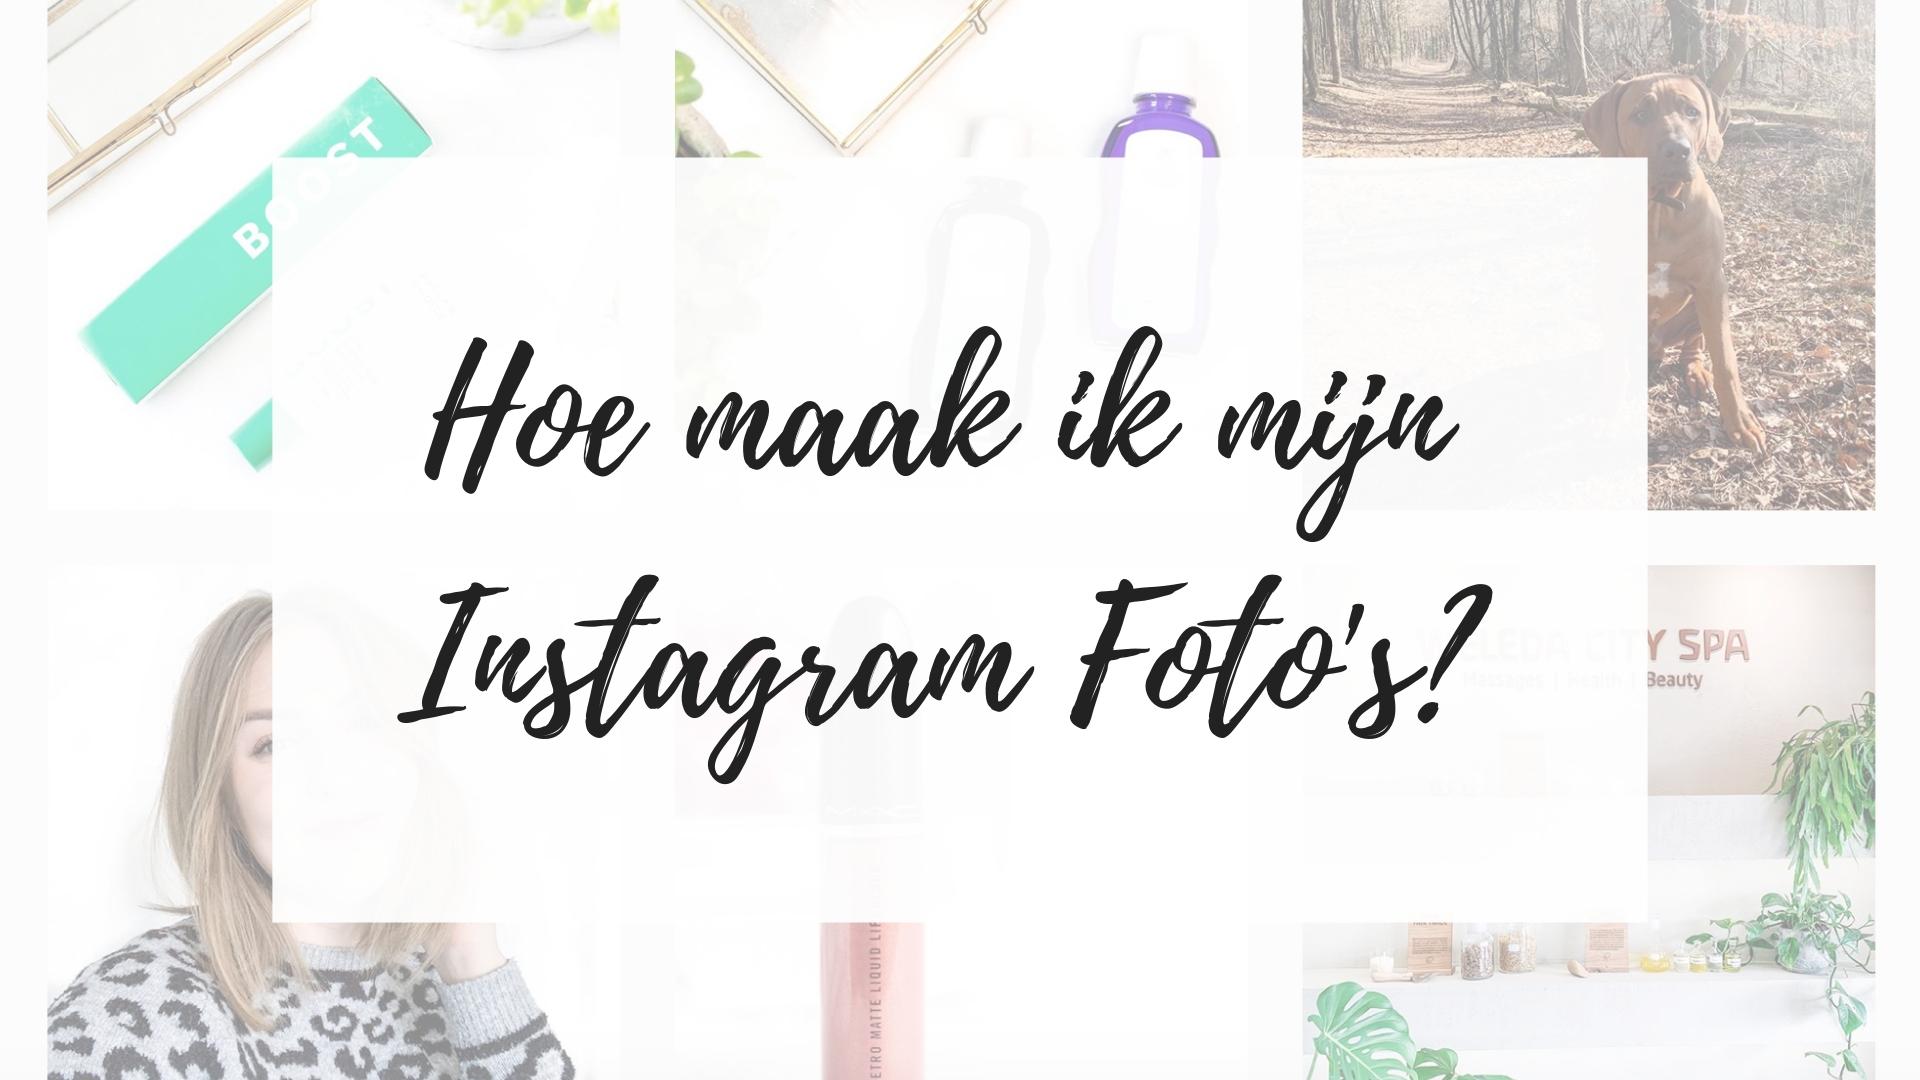 hoe maak ik mijn instagram foto's